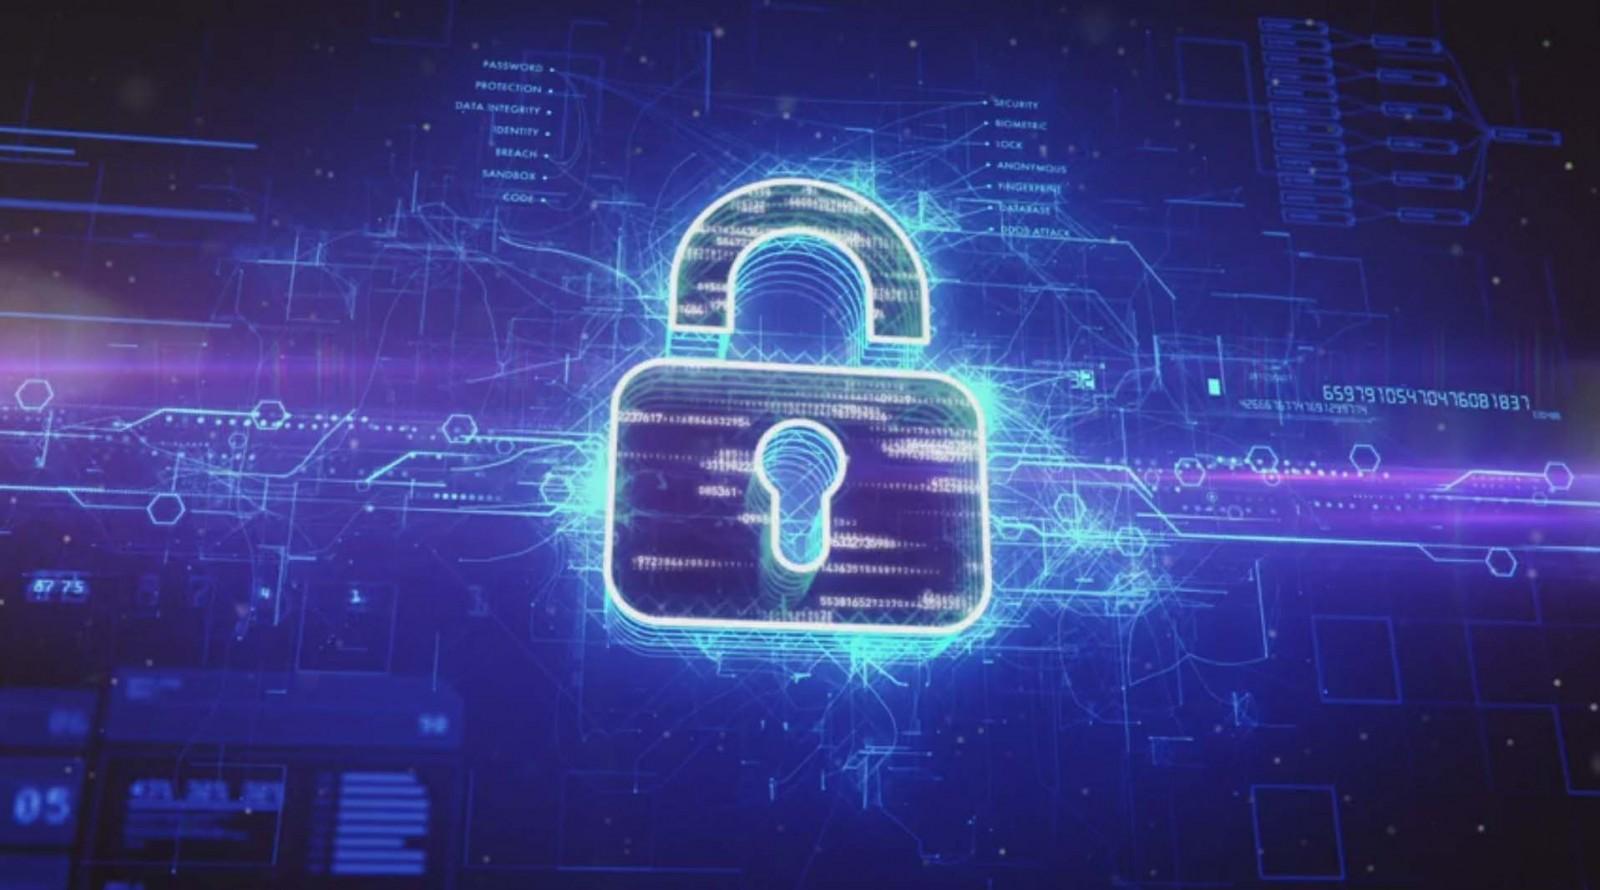 Глобальний світ. Про шифрування та анонімність цифрових повідомлень